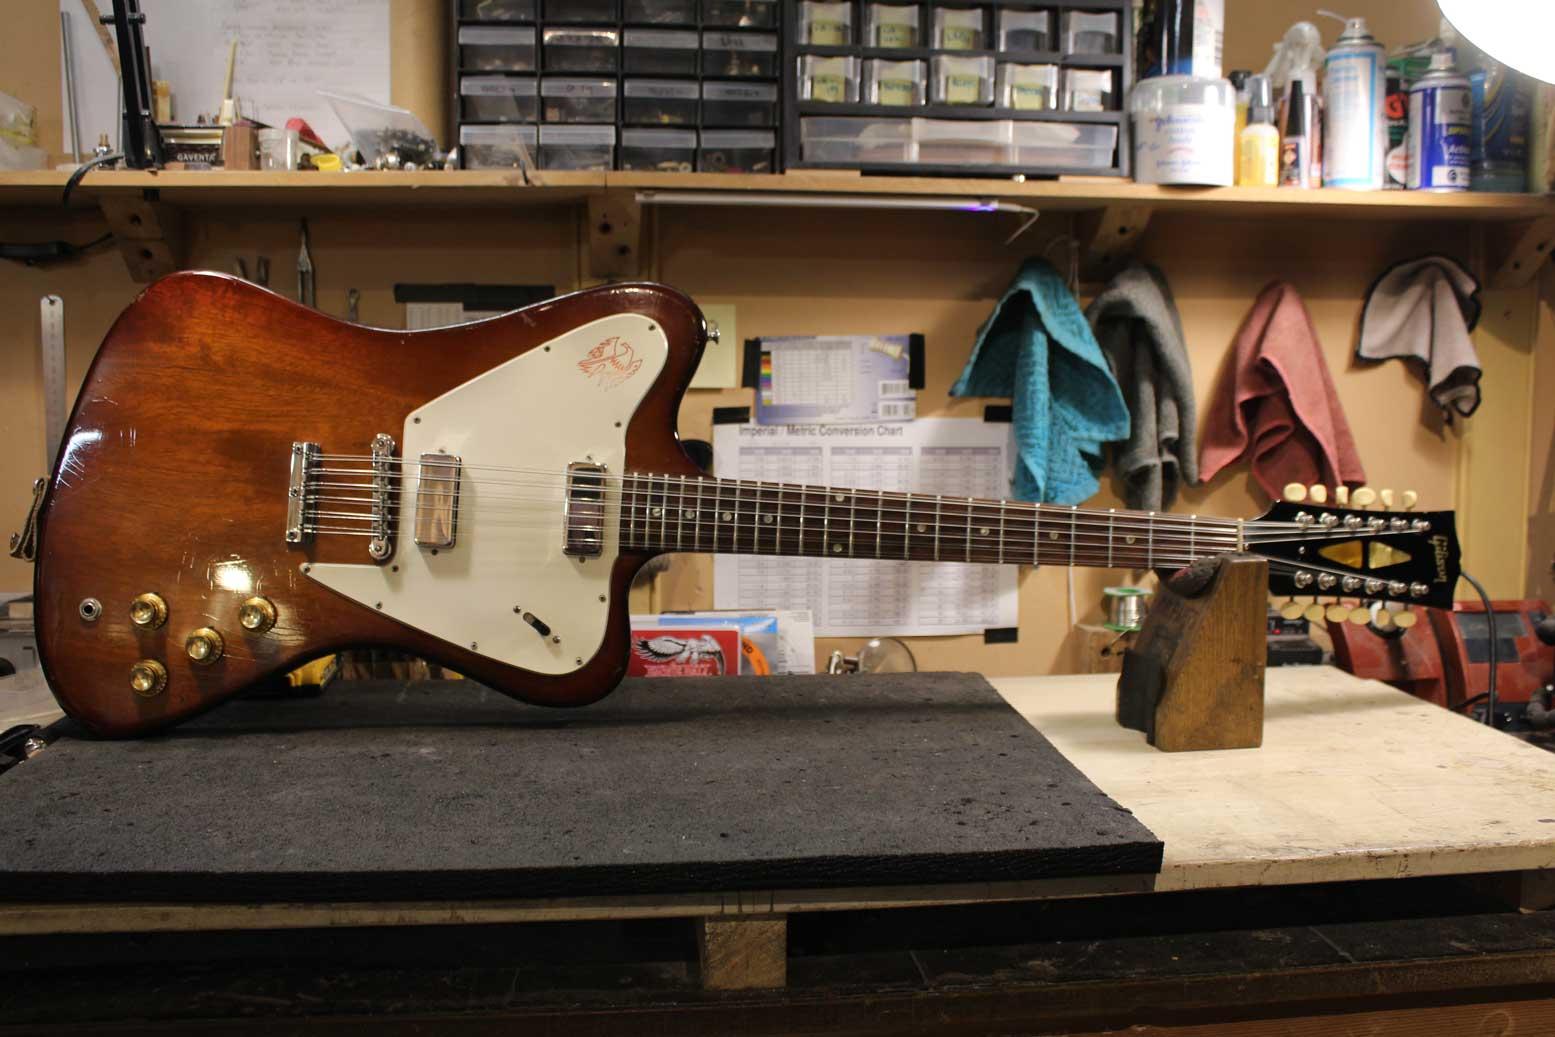 1965 Gibson non-reverse Firebird 12 string